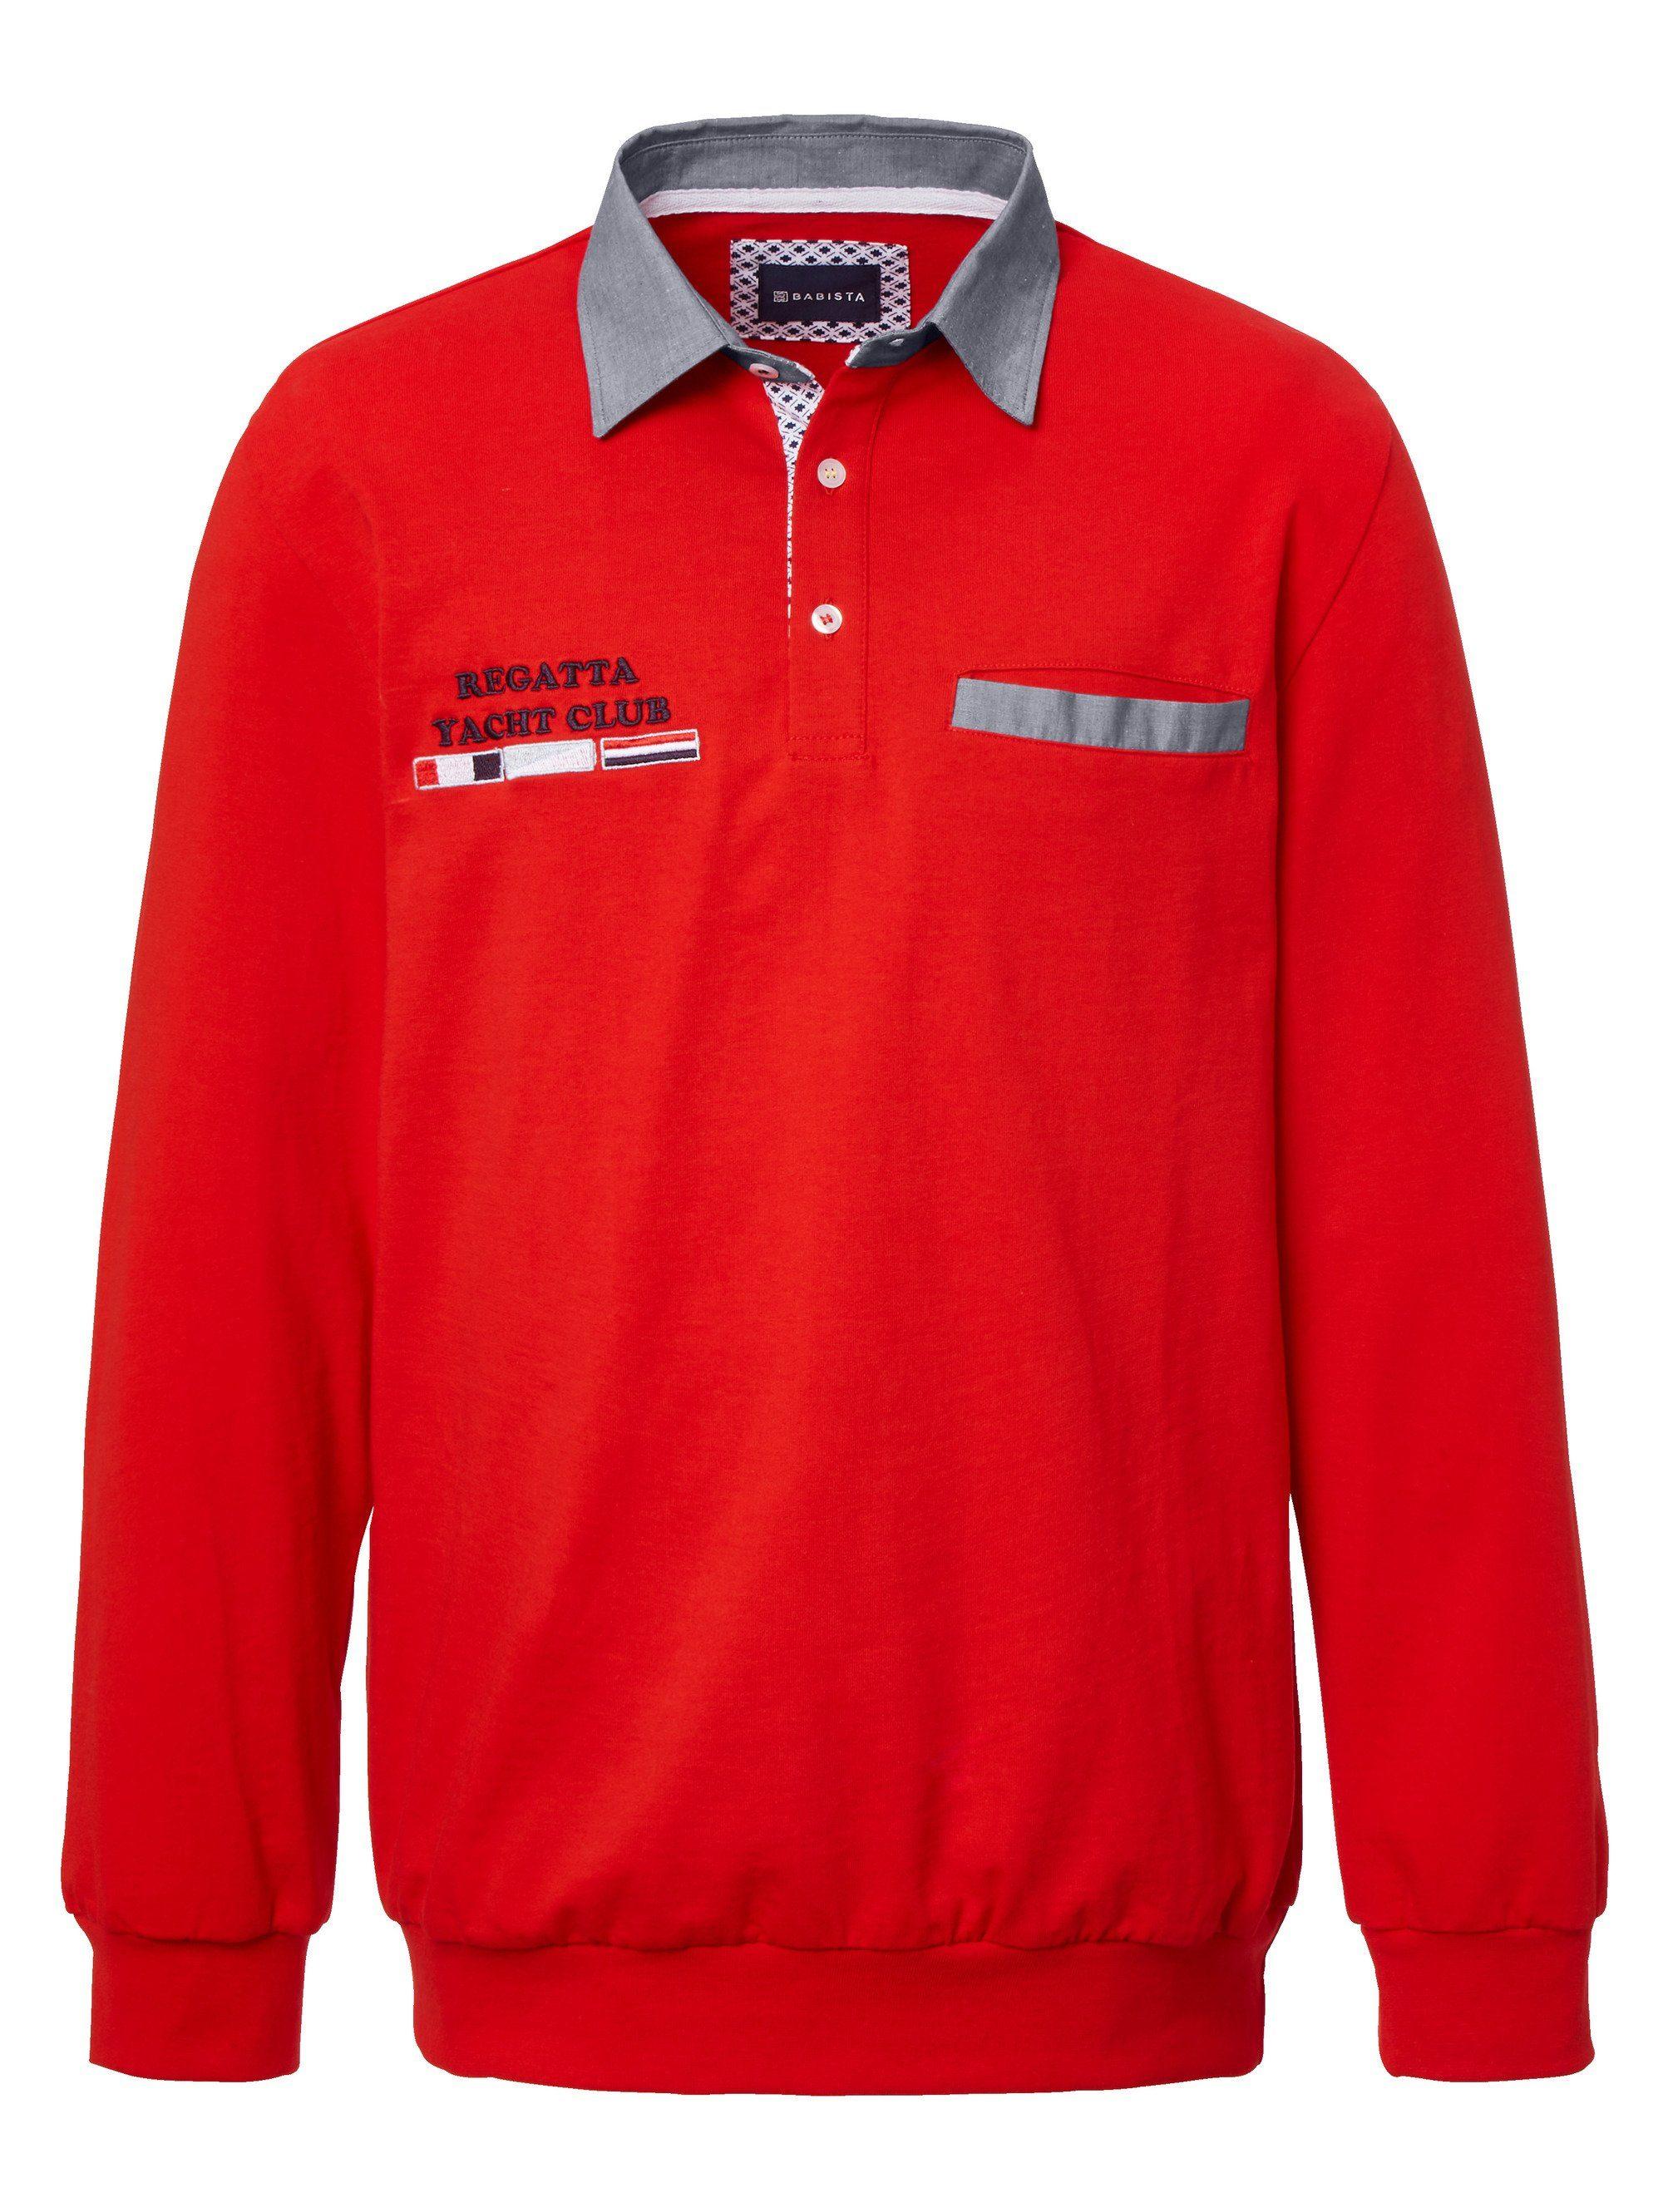 Babista Sweatshirt mit Kontrastdetails, Besonderer Hemdkragen in Kontrast online kaufen | OTTO